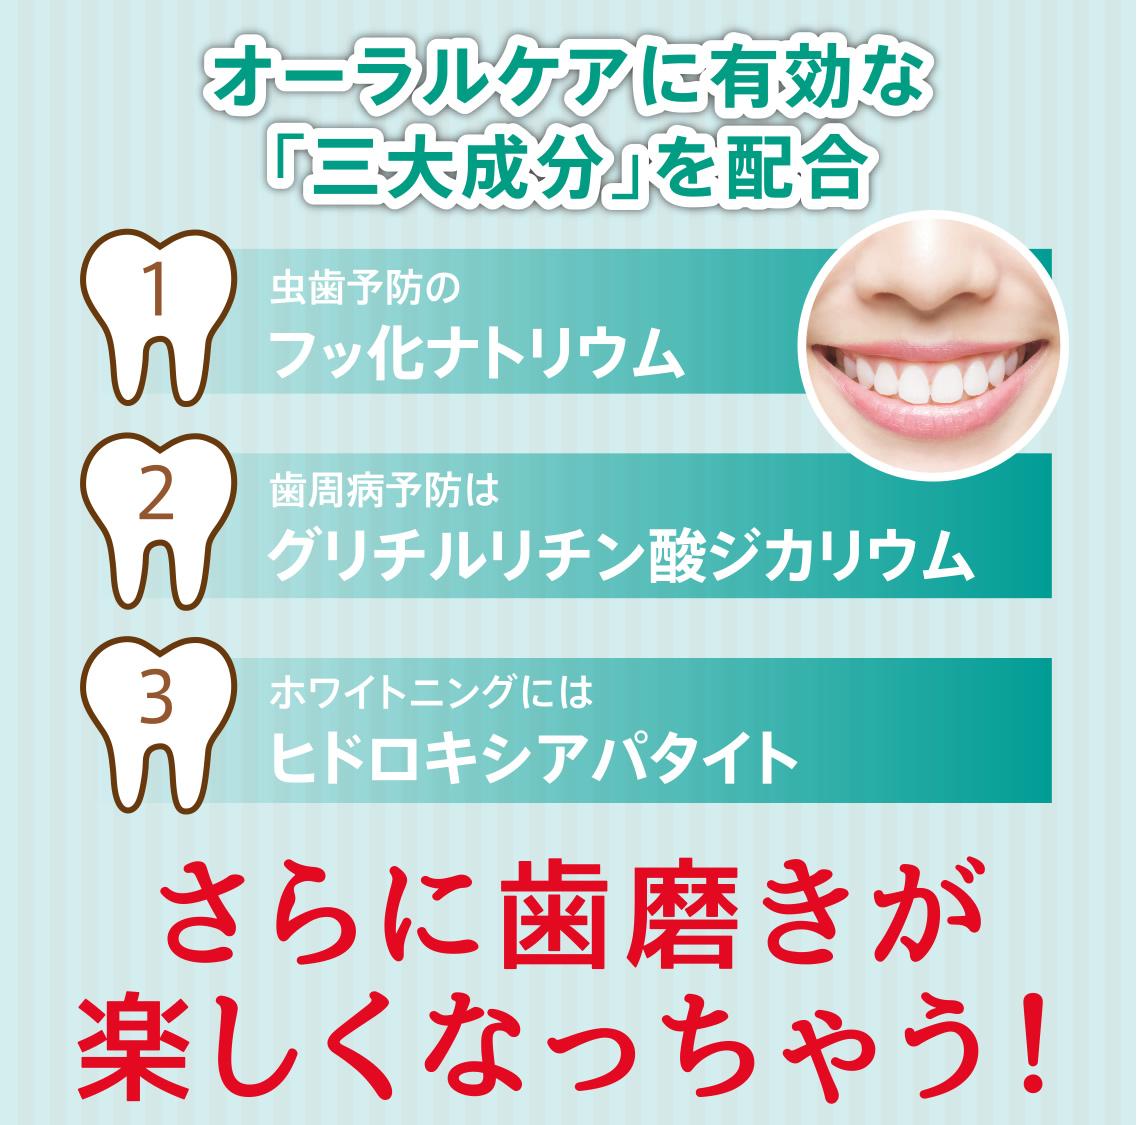 オーラルケアに有効な「三大成分」を配合 1虫歯予防のフッ化ナトリウム 2歯周病予防はグリチルリチン酸ジカリウム